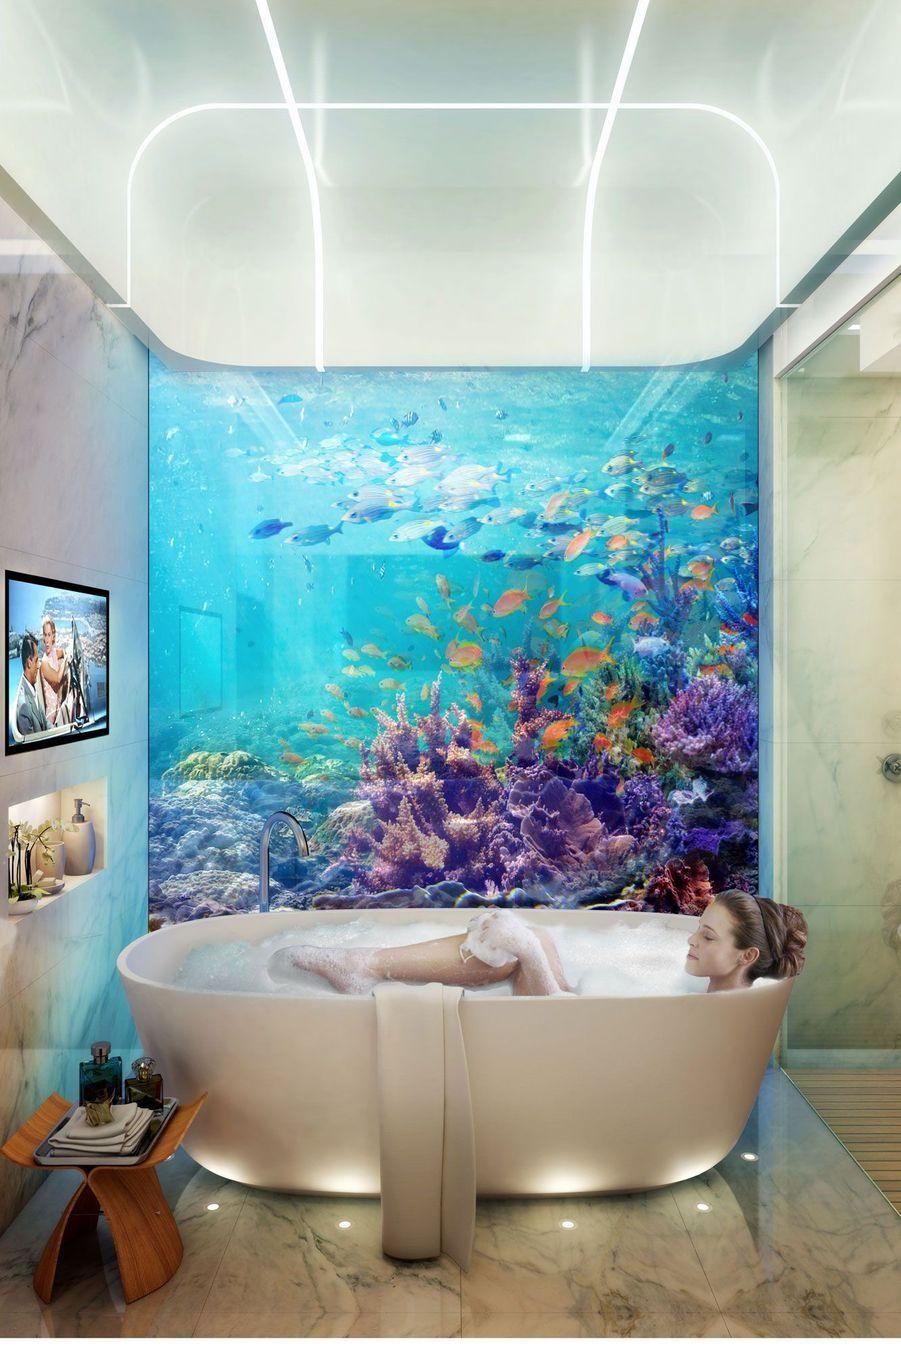 La salle de bain, elle aussi, immergée sous la mer.